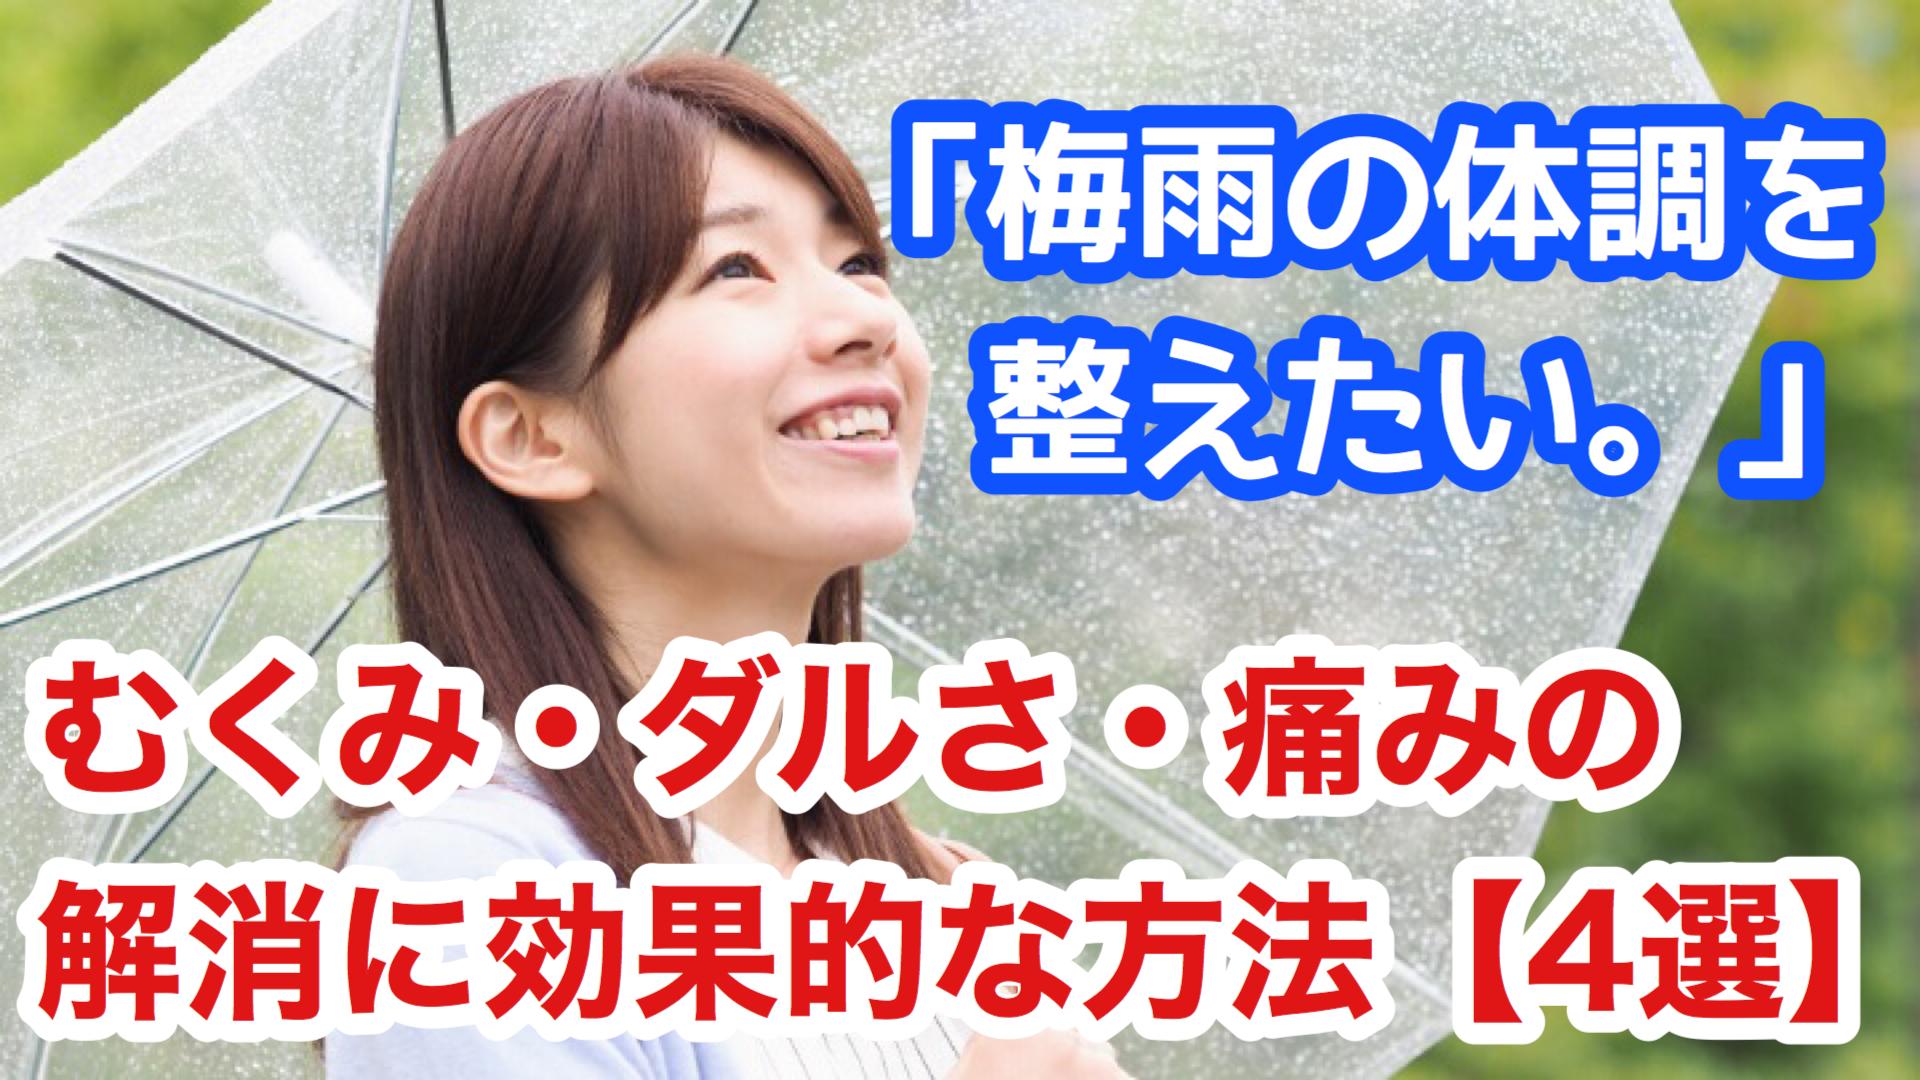 【4選】梅雨シーズンの頭痛・肩こり、腰痛、関節痛をスッキリ解消!〜自律神経の整え方〜